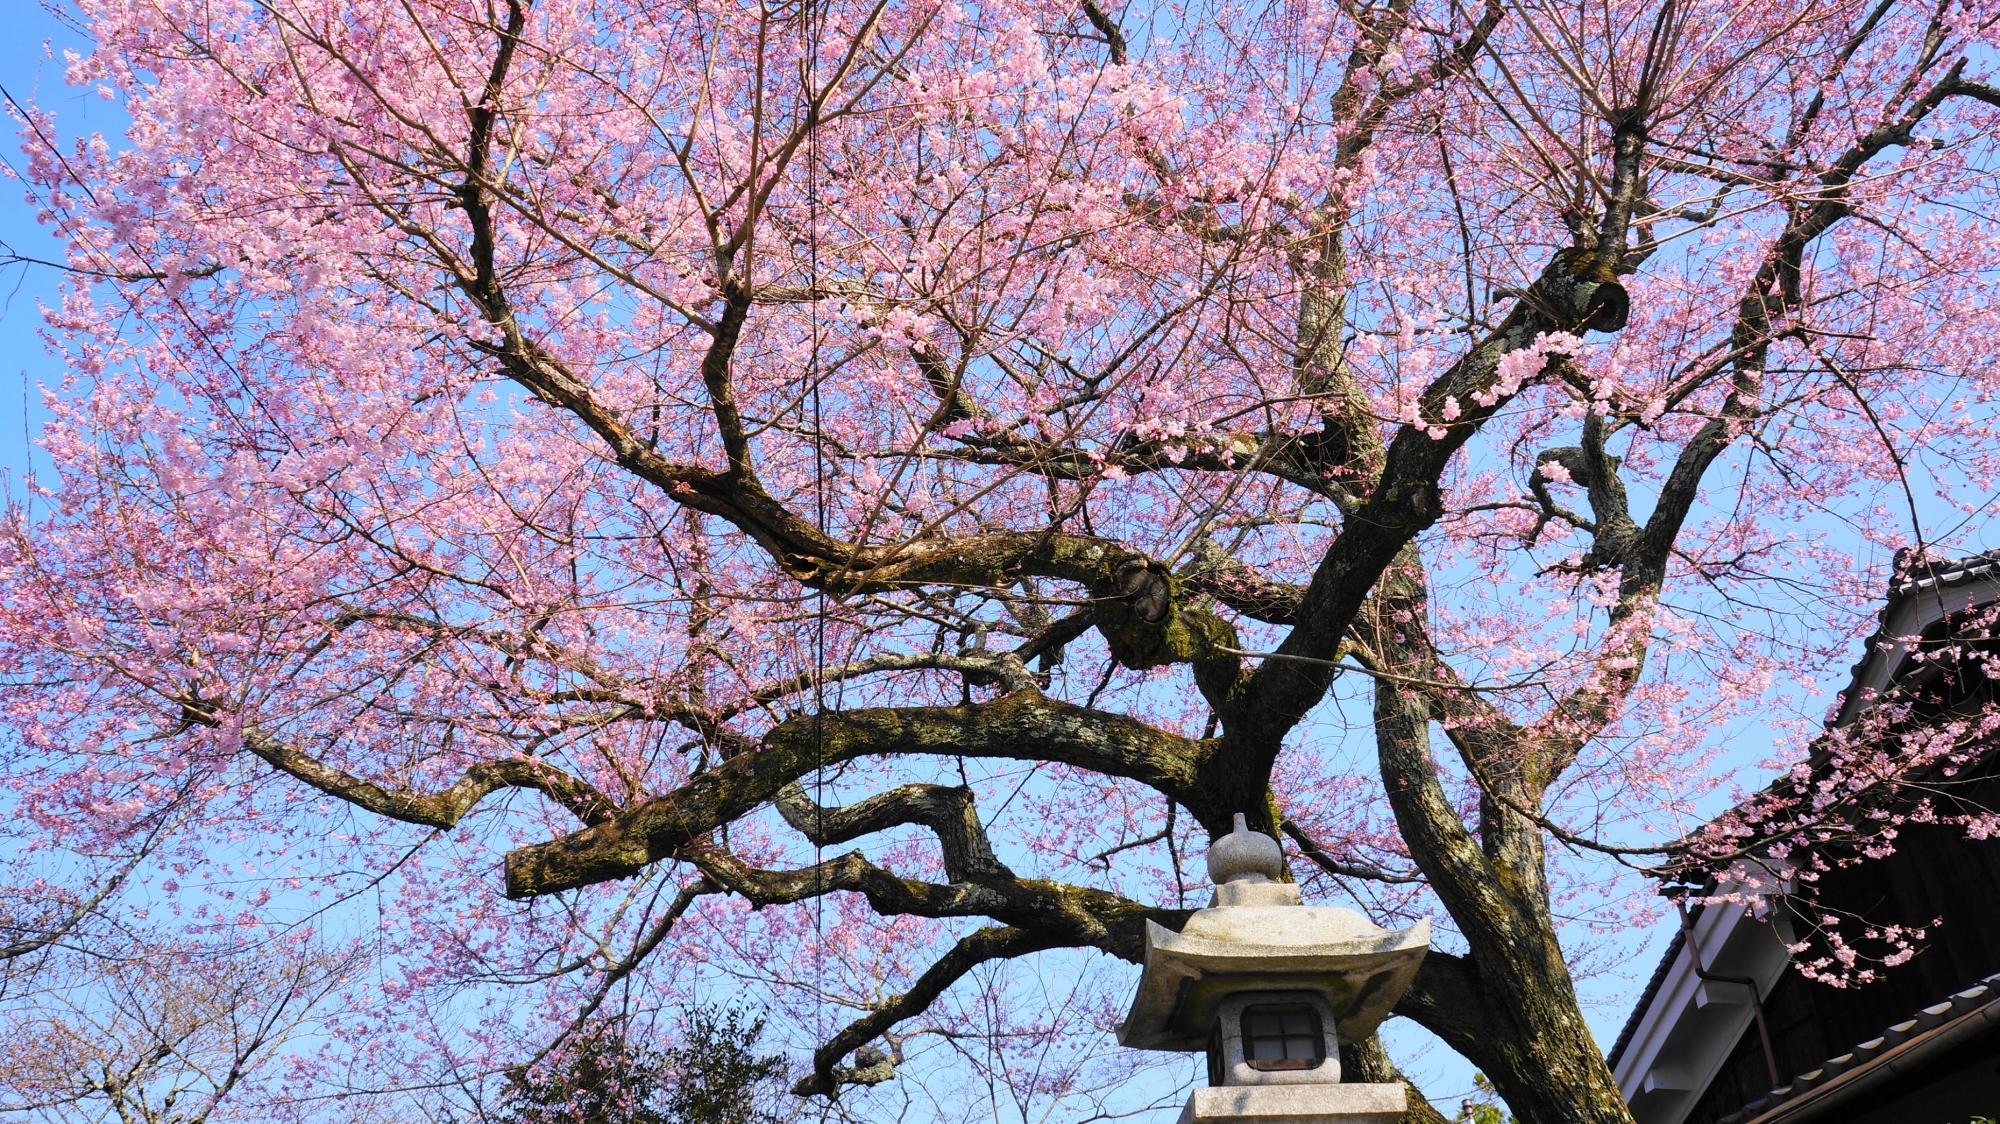 燈籠などの周囲の背景とも相まって風情ある春先の景色